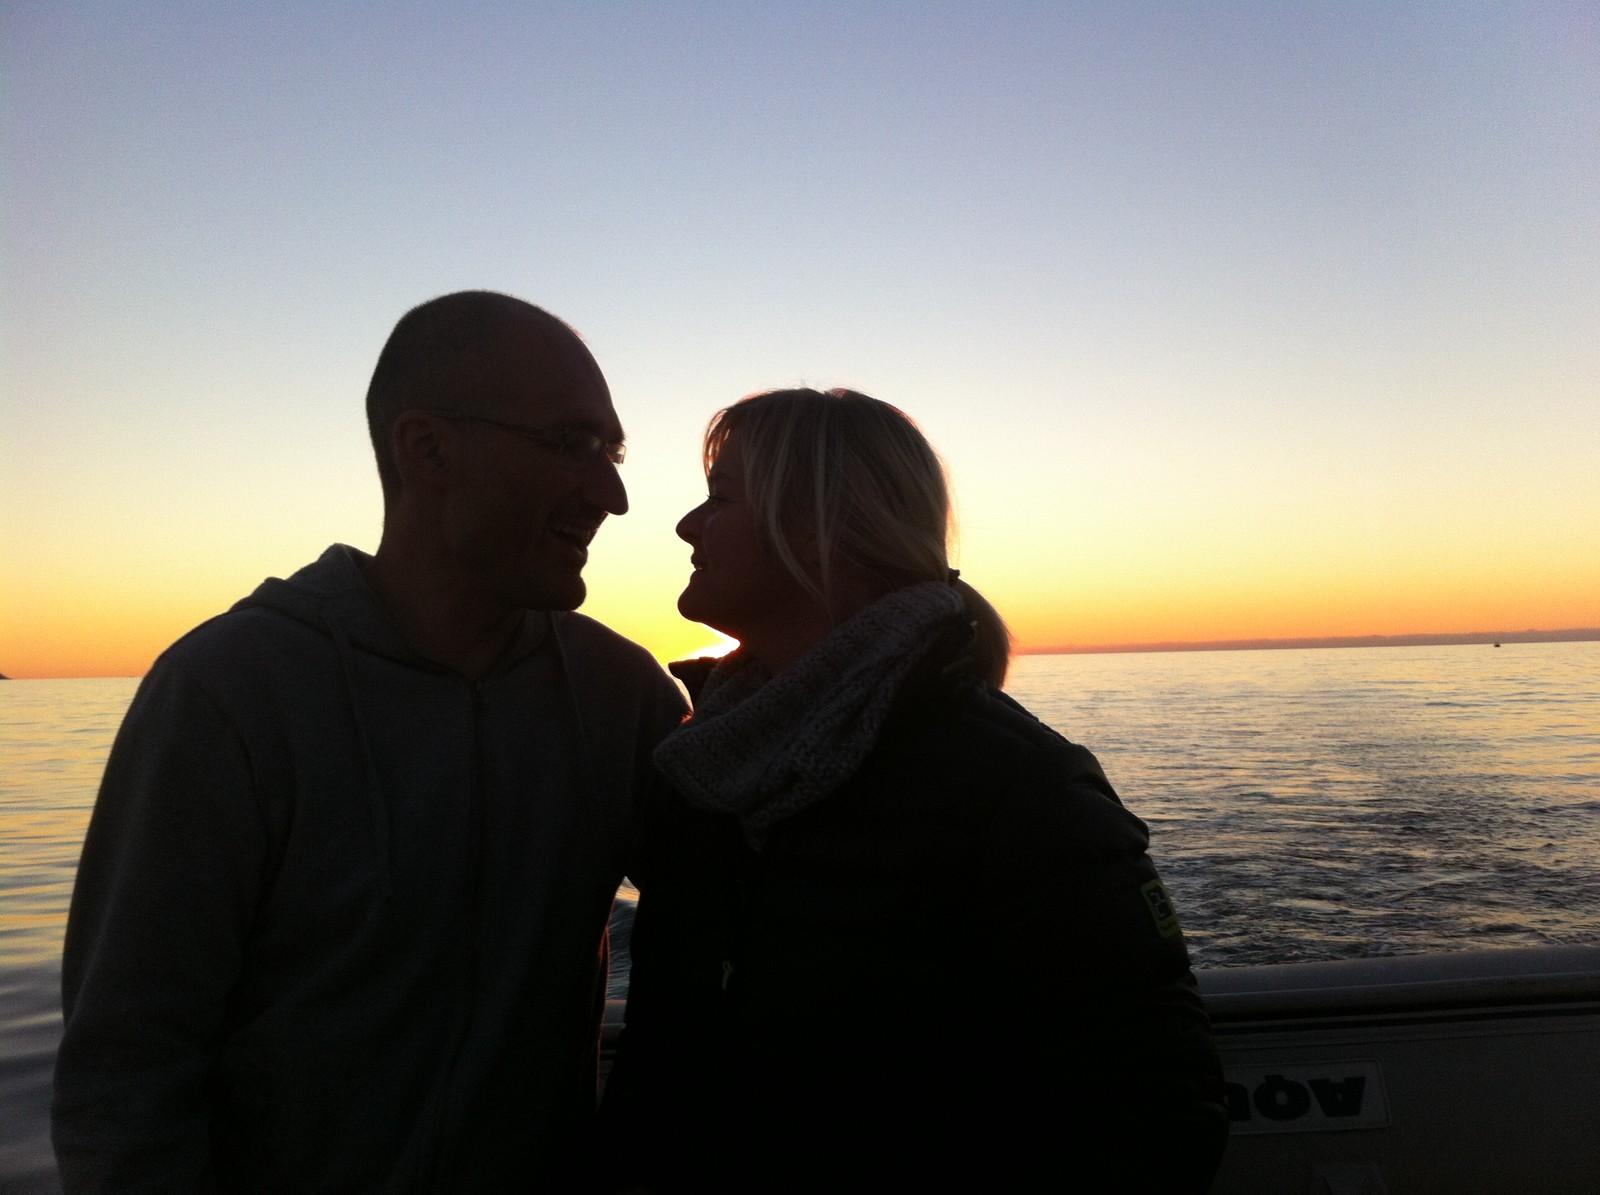 Solnedgang ved kysten.